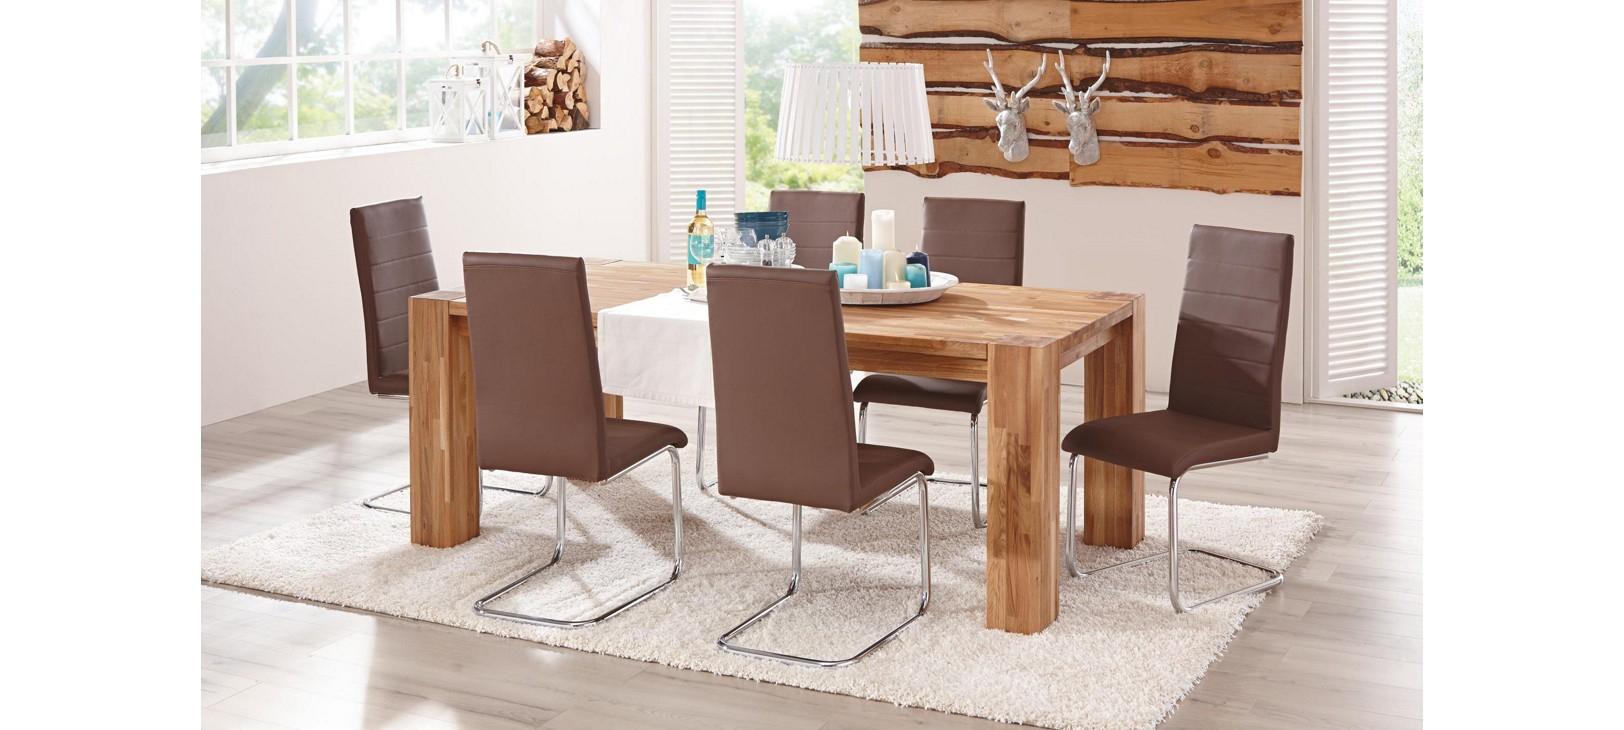 xxxl esstisch wildeiche massiv 349 65 rabatt. Black Bedroom Furniture Sets. Home Design Ideas